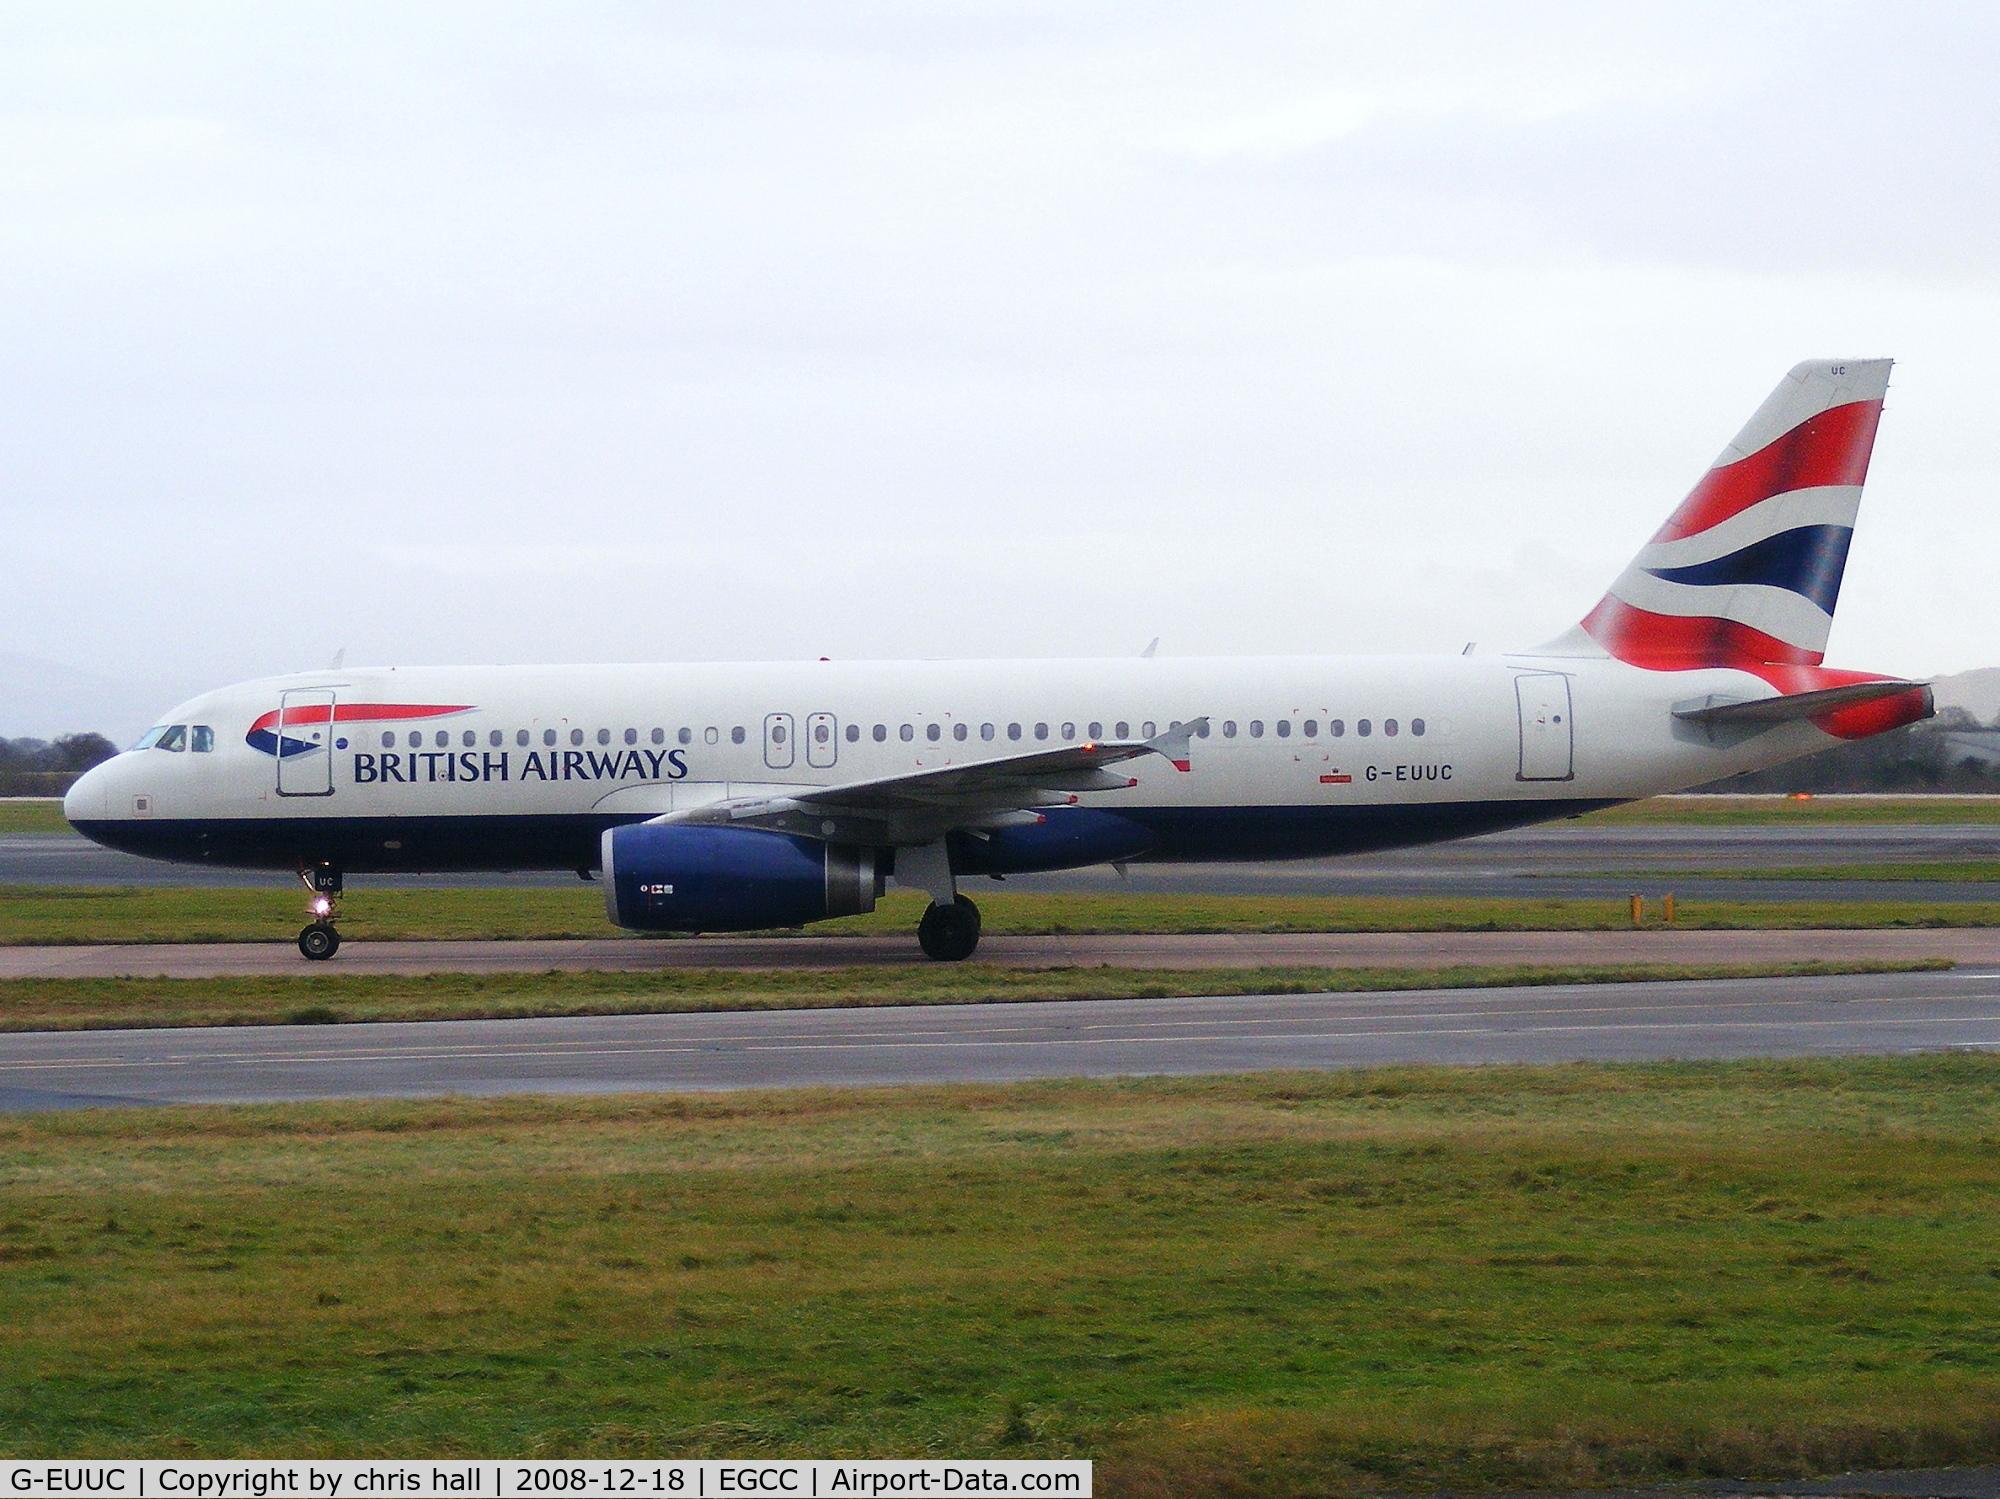 G-EUUC, 2001 Airbus A320-232 C/N 1696, British Airways